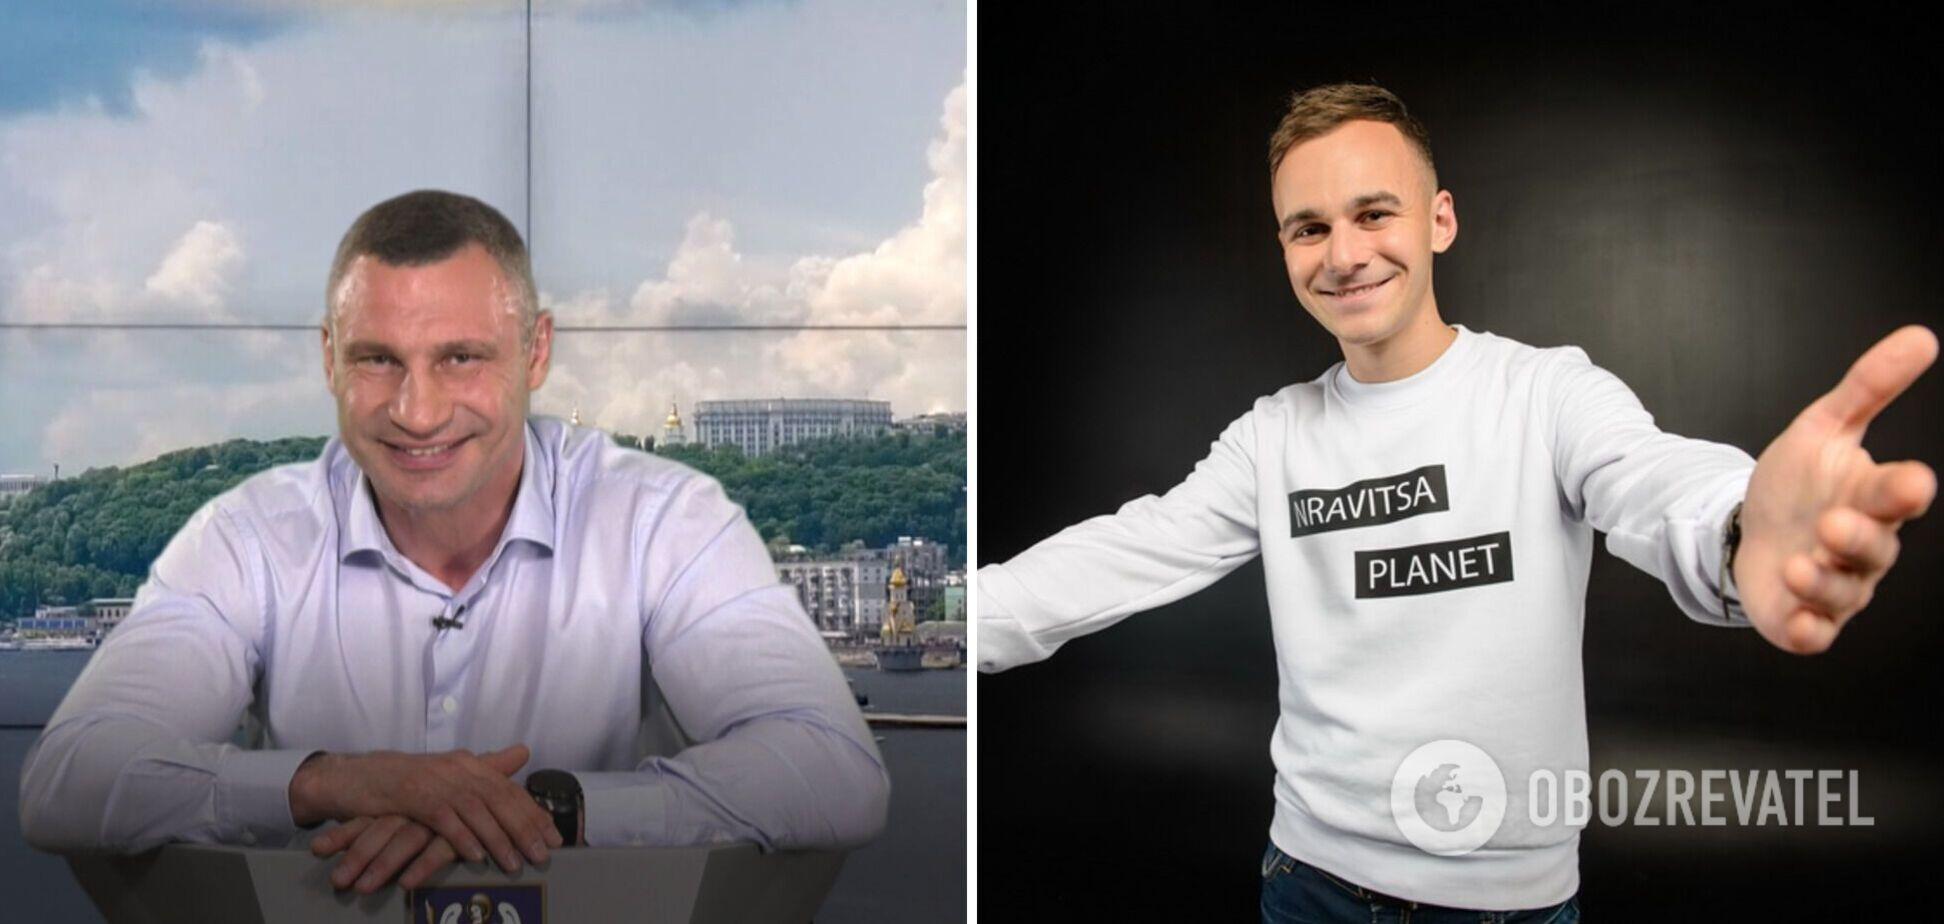 Кличко разом з відомим блогером заспівав хіт про себе и увірвався в музичні топи. Відео